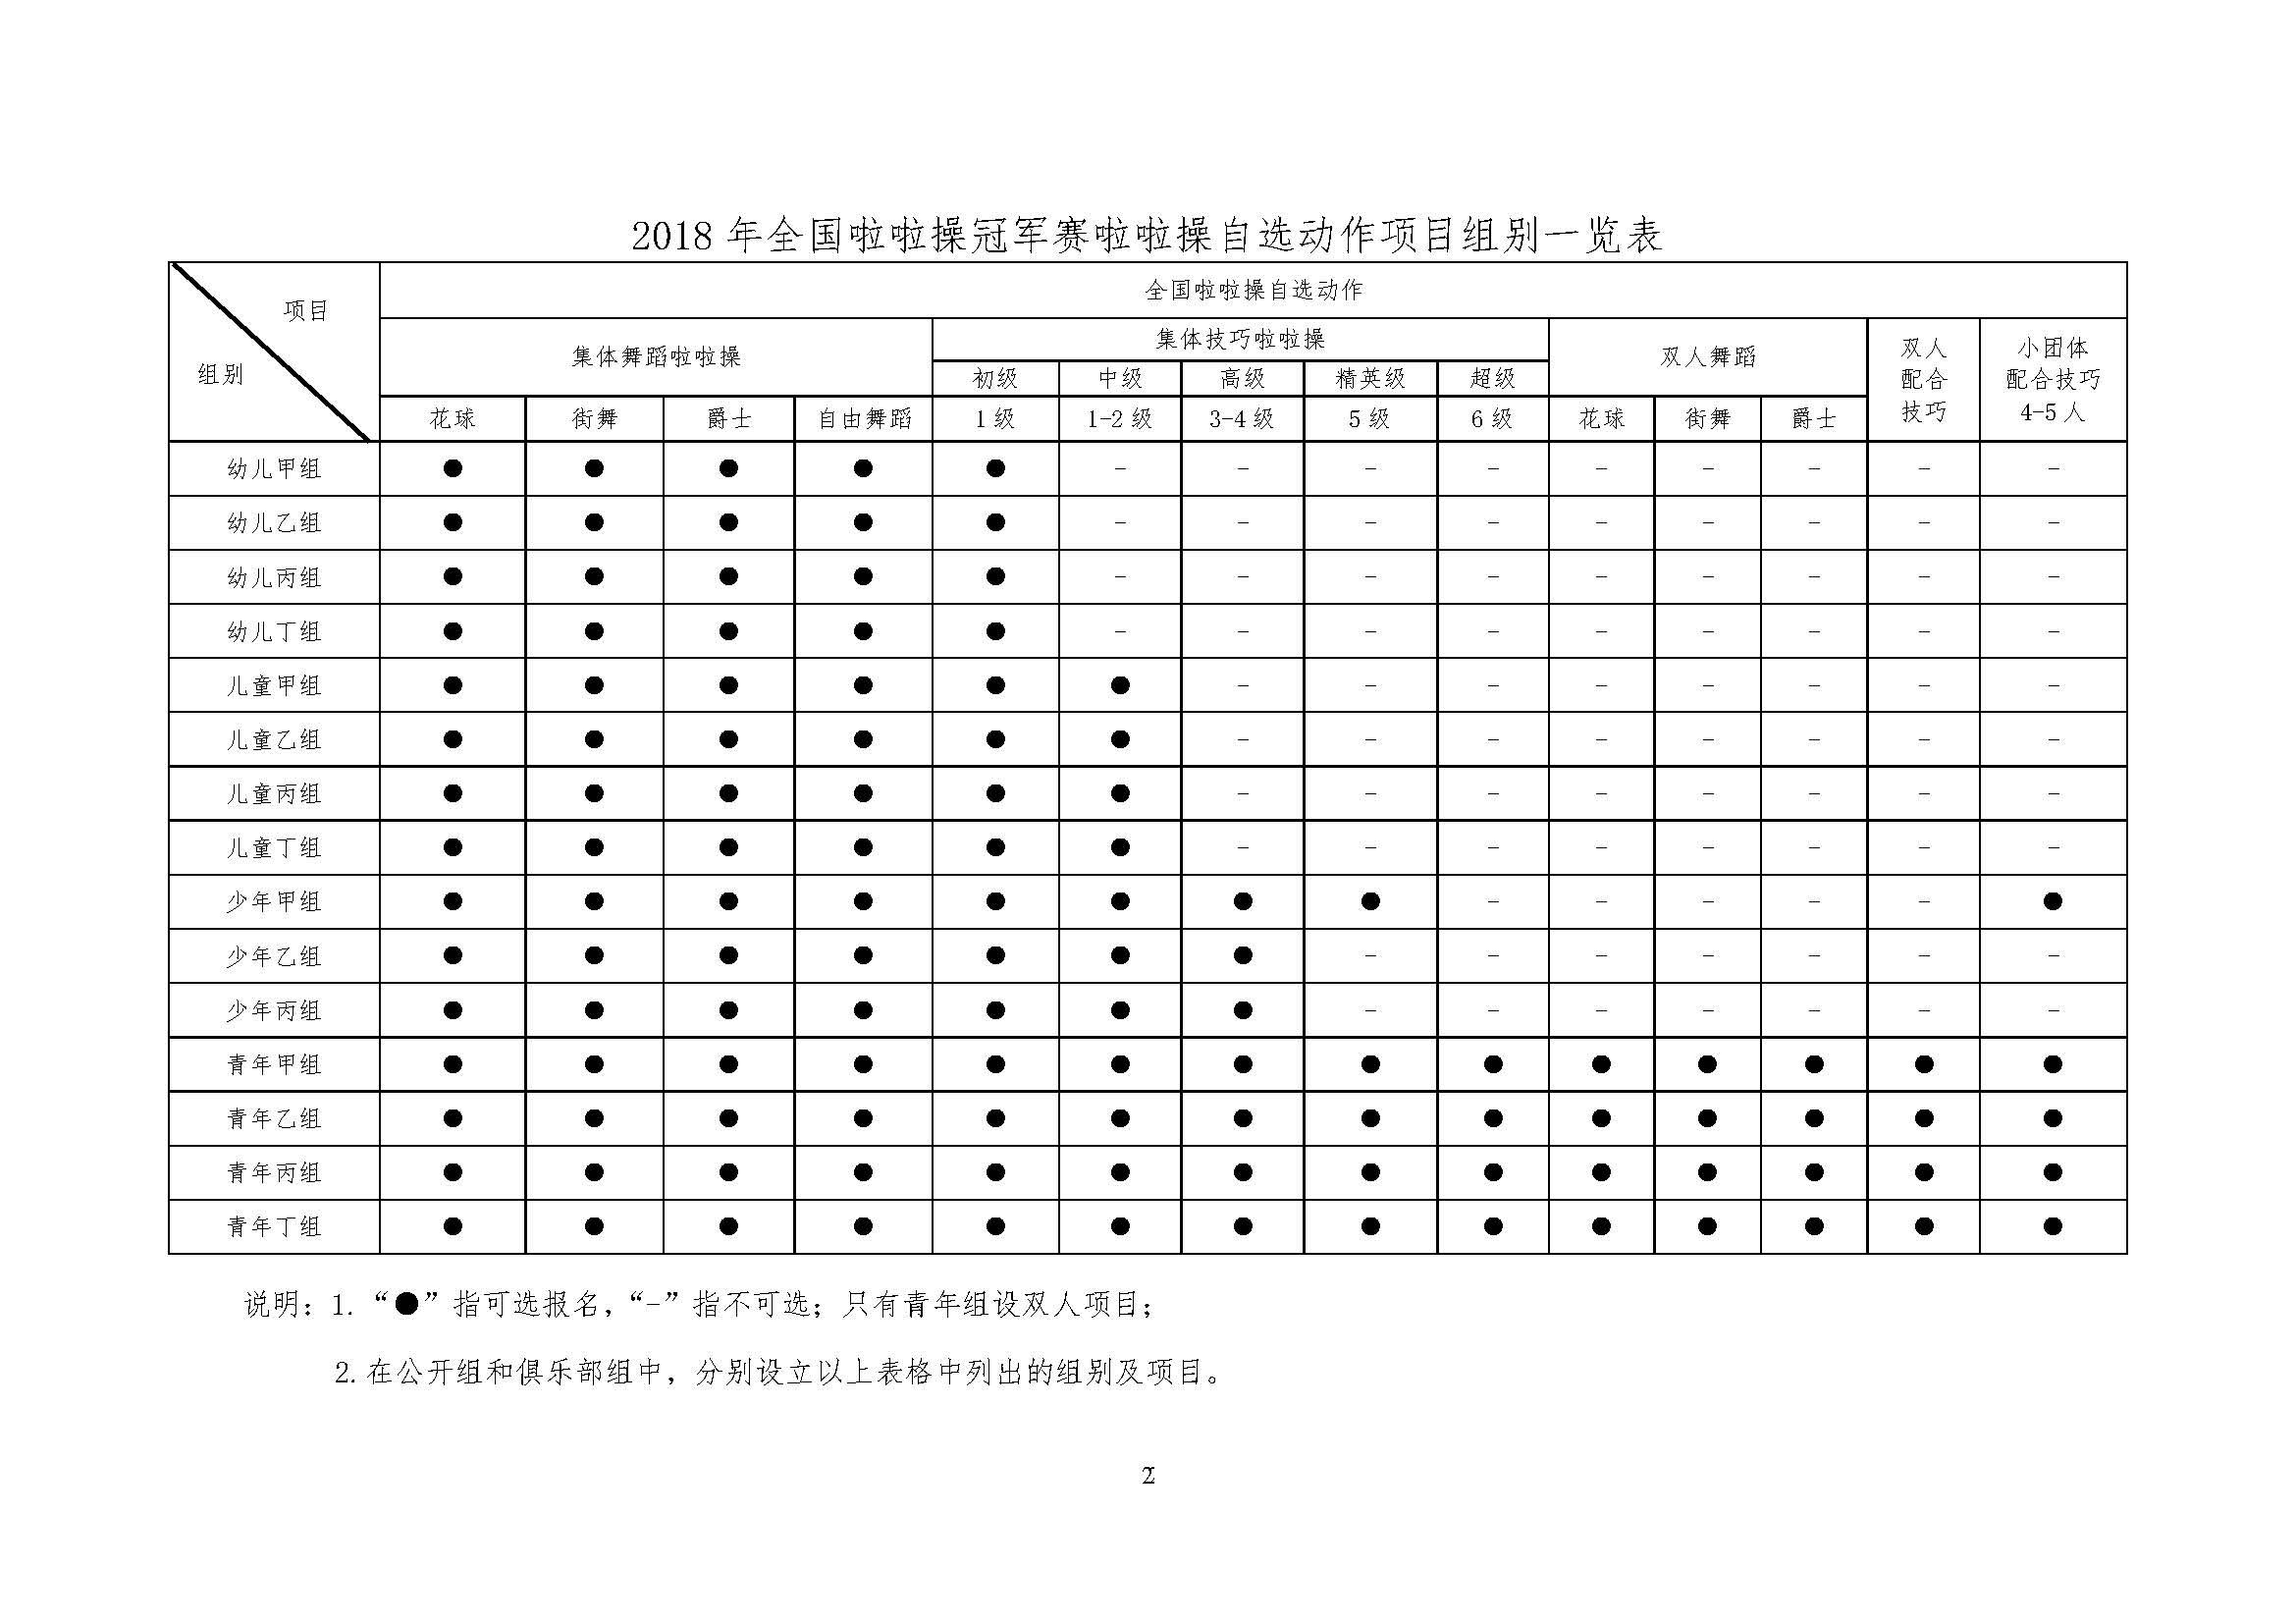 049号-2018年全国啦啦操冠军赛(幼儿组、儿童组和成年组)通知插图(22)